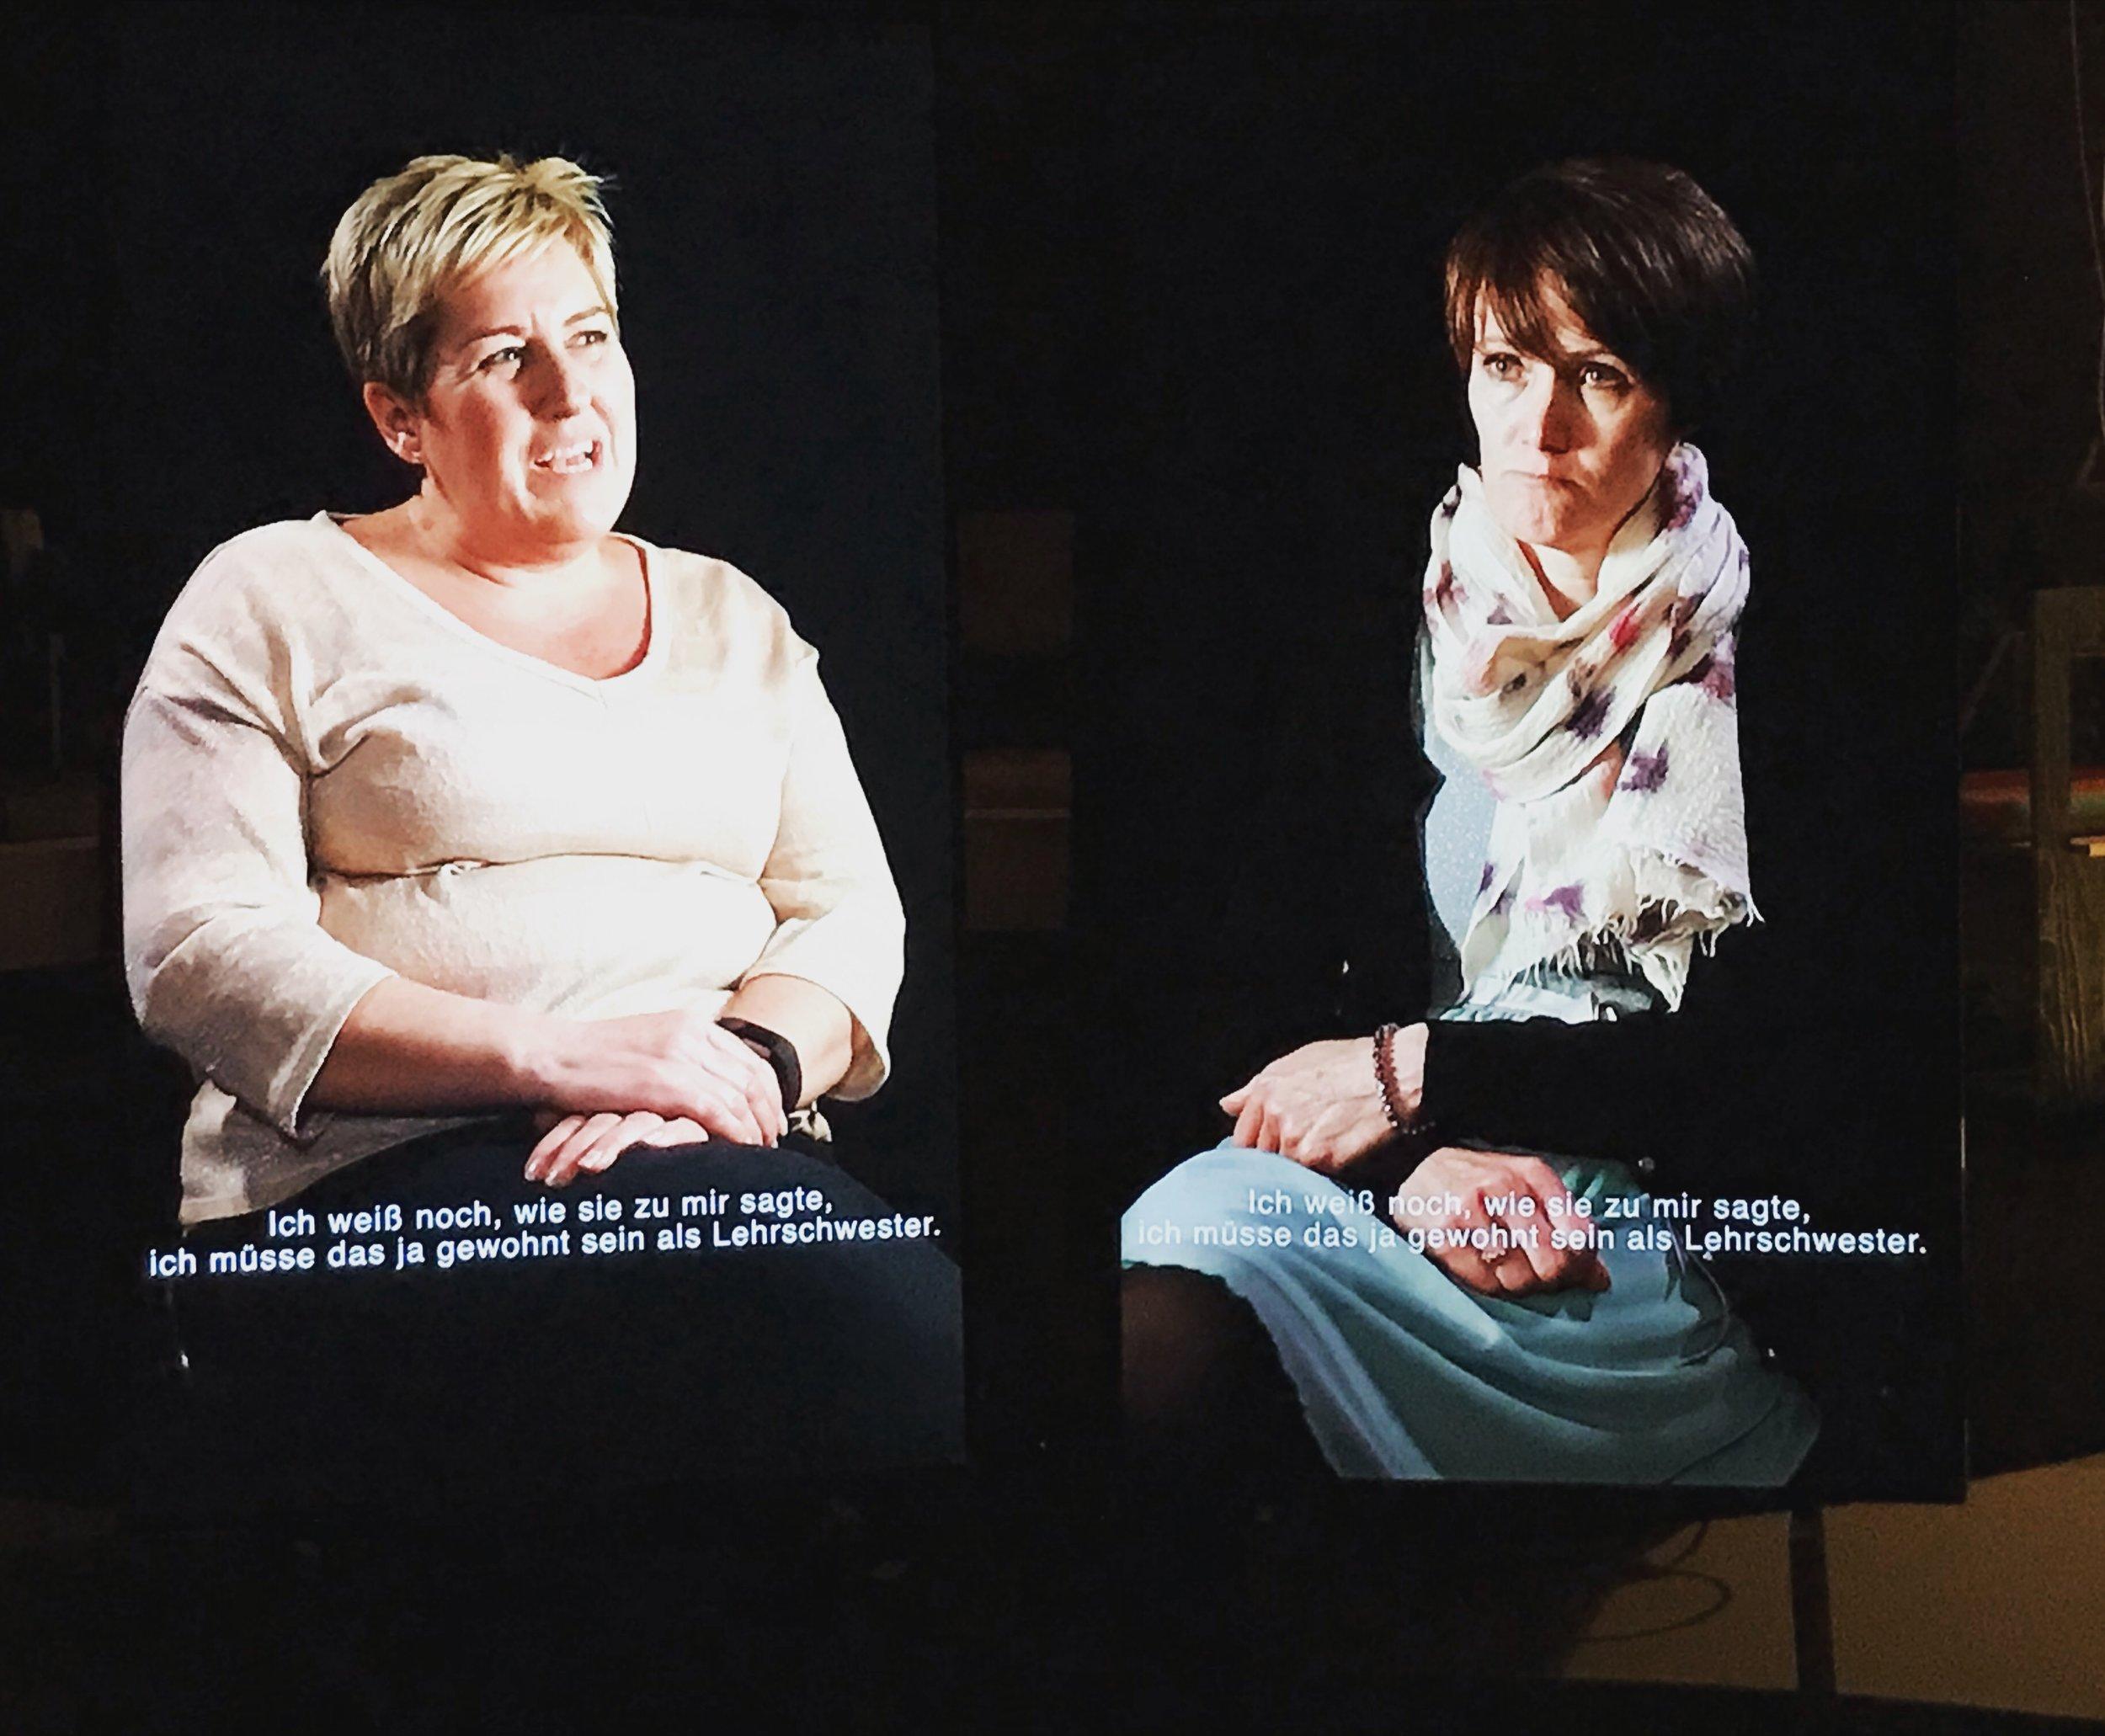 """""""Donna & Cath"""" aus """"Tod und Geburt in meinem Leben"""" von Mats Staub, fotografiert beim Festival der Regionen in Perg"""